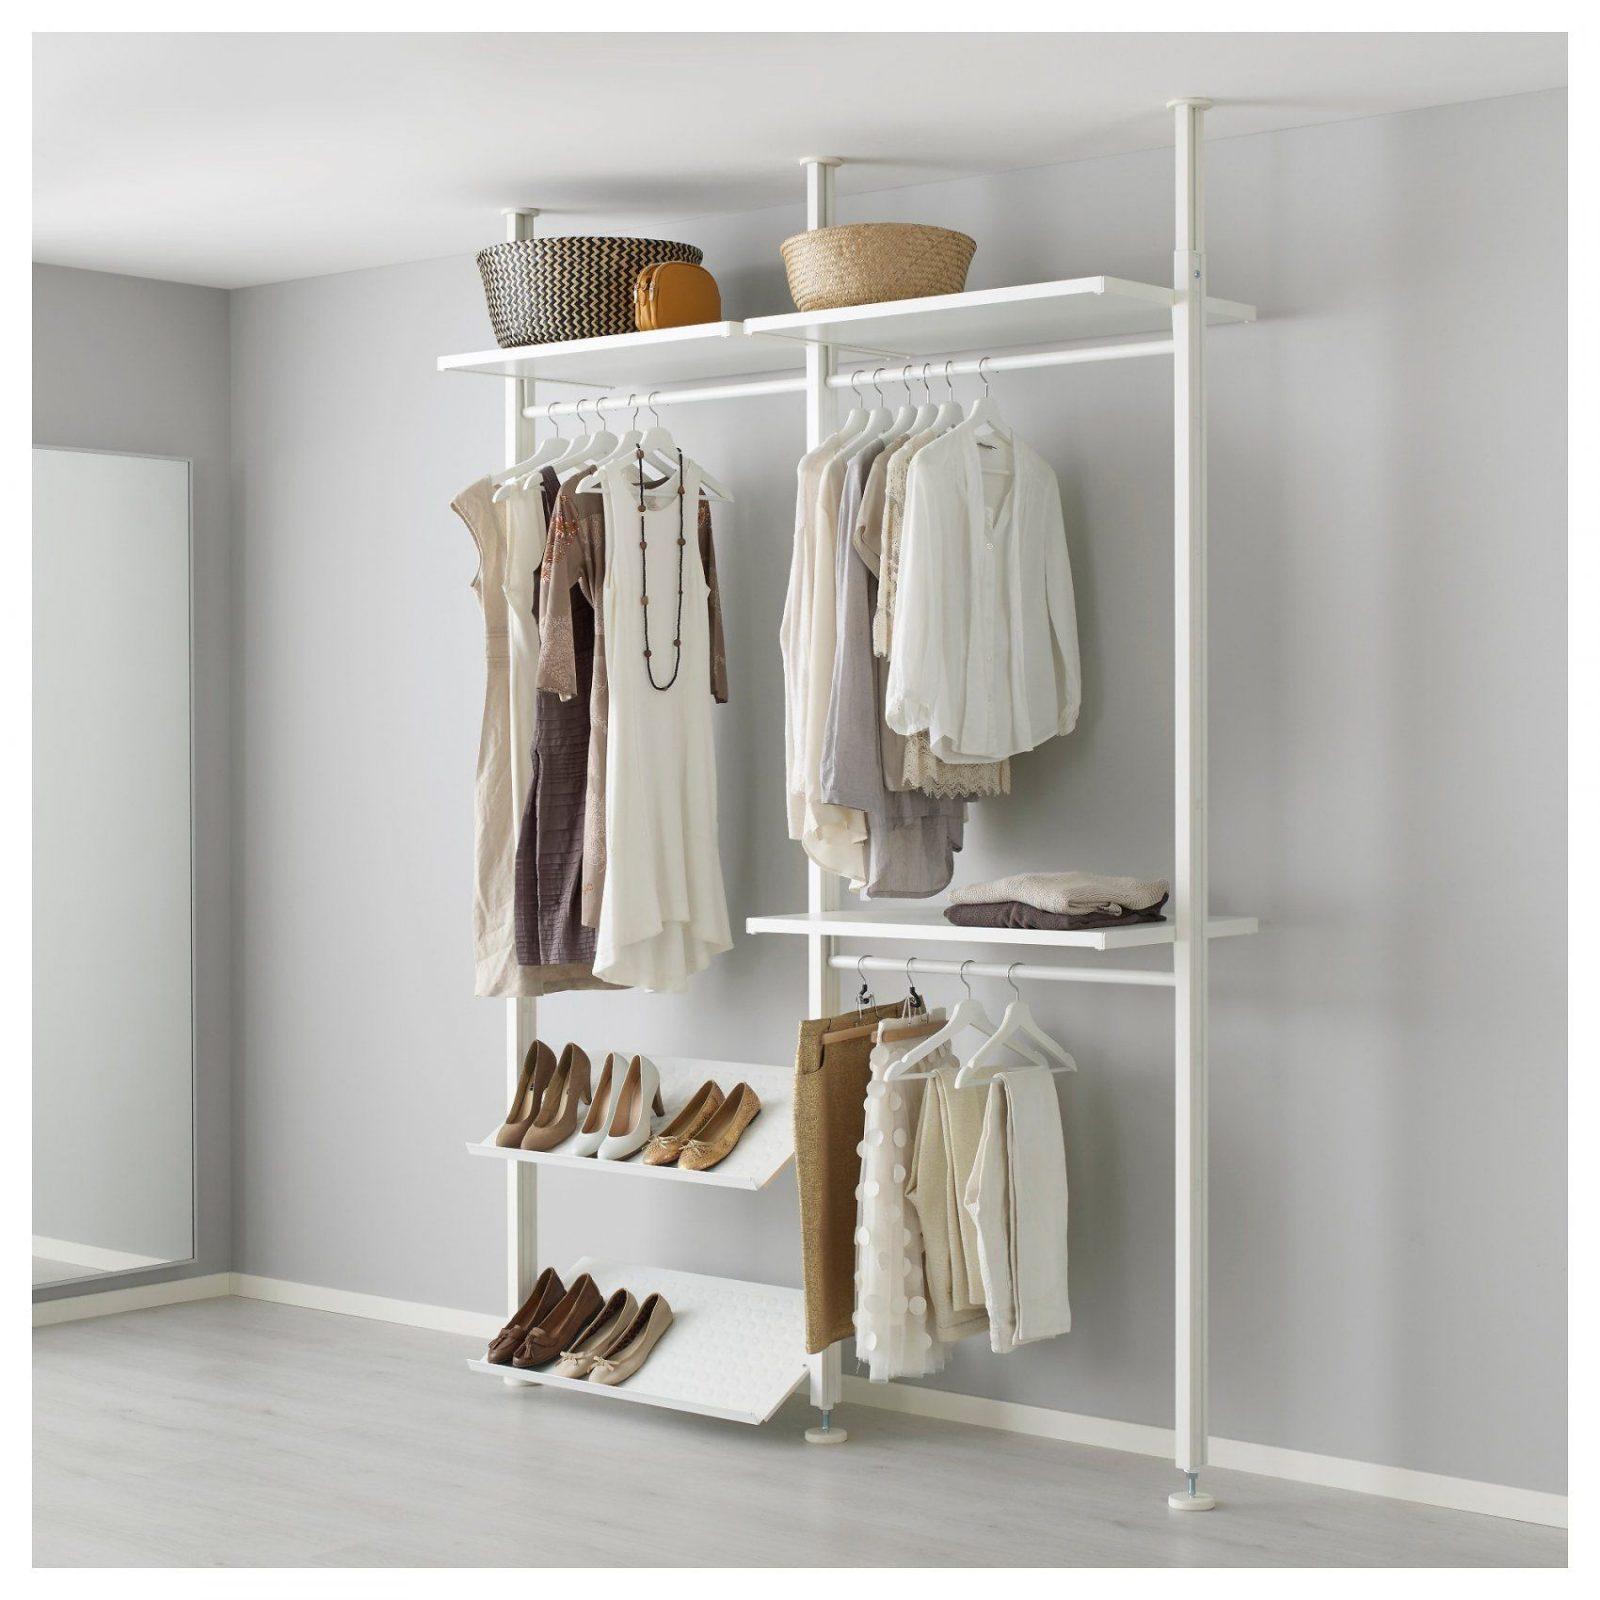 Begehbarer Kleiderschrank Ikea Dachschräge Kaufen Codecafe Von Begehbarer  Kleiderschrank Selber Bauen Dachschräge Photo